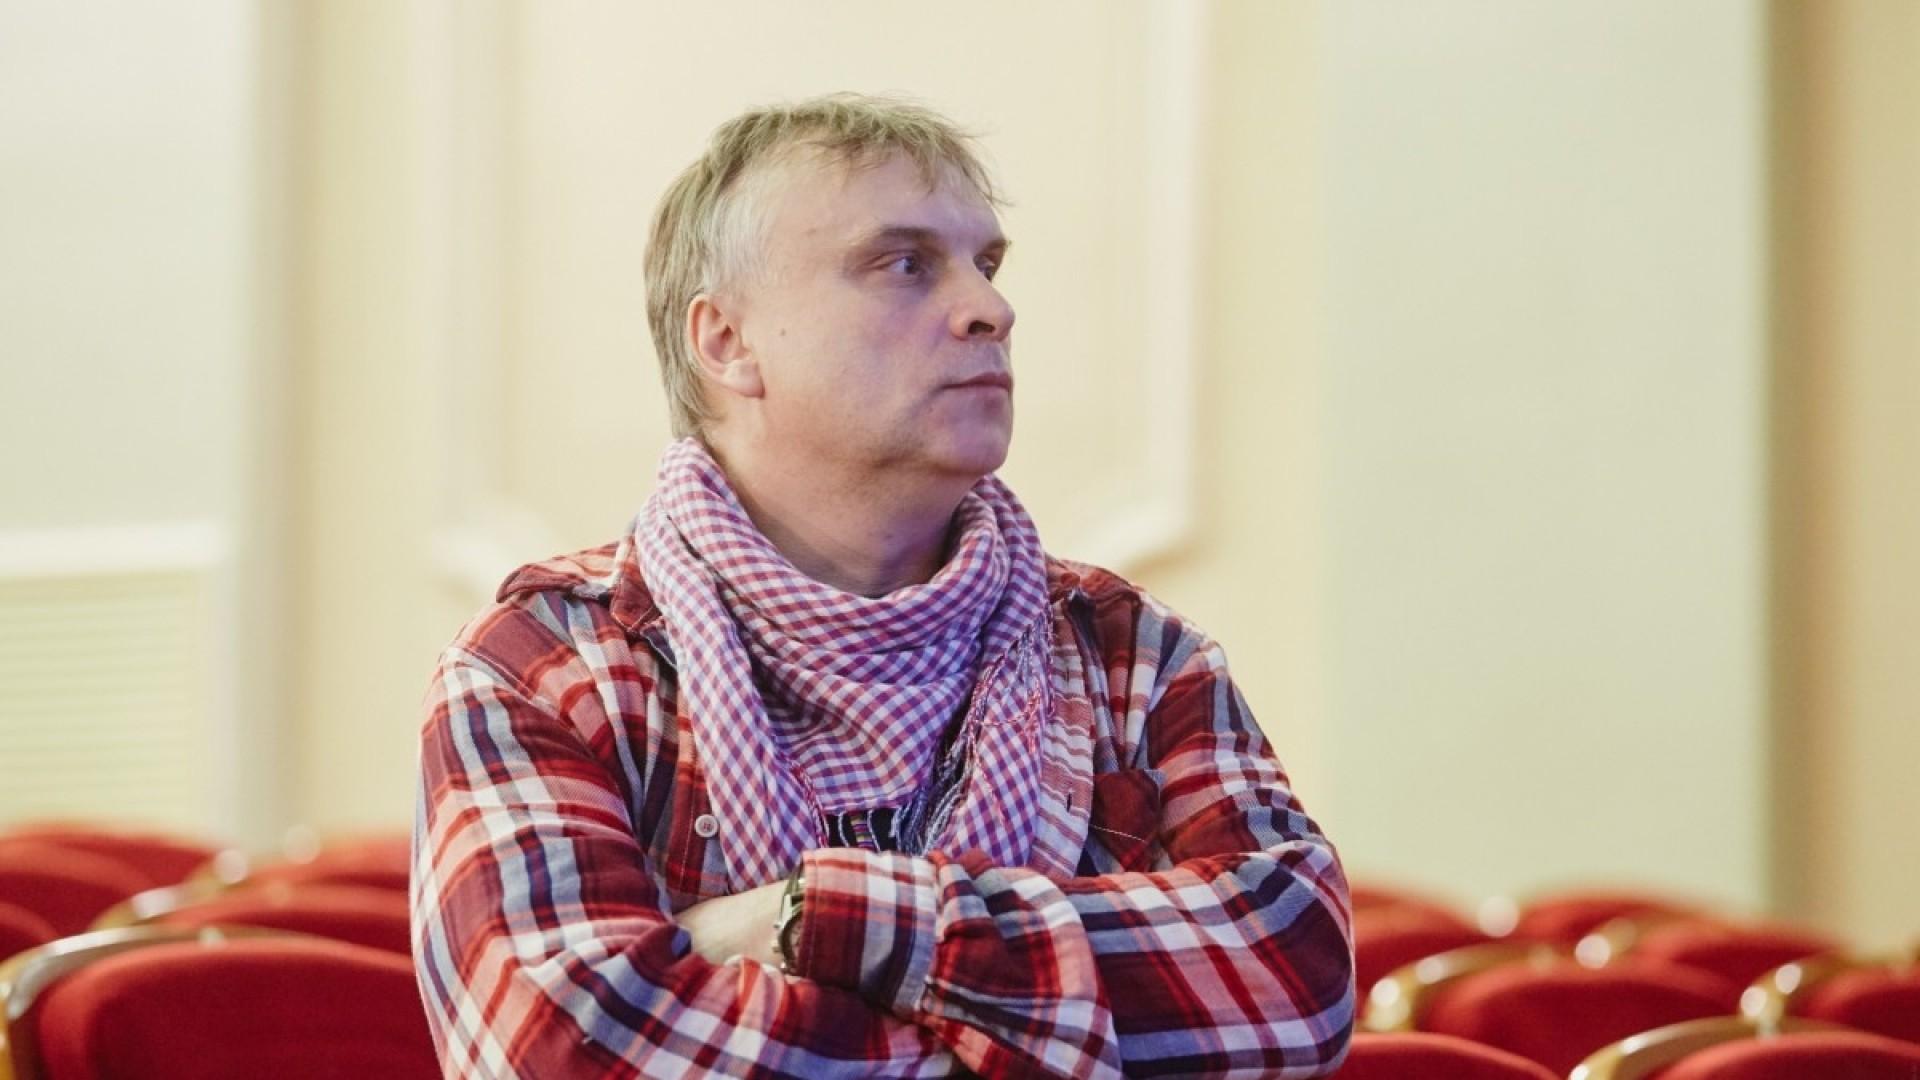 Режиссер Михаил Заец: «Комедия — это наживка, под которой есть театральный крючок»